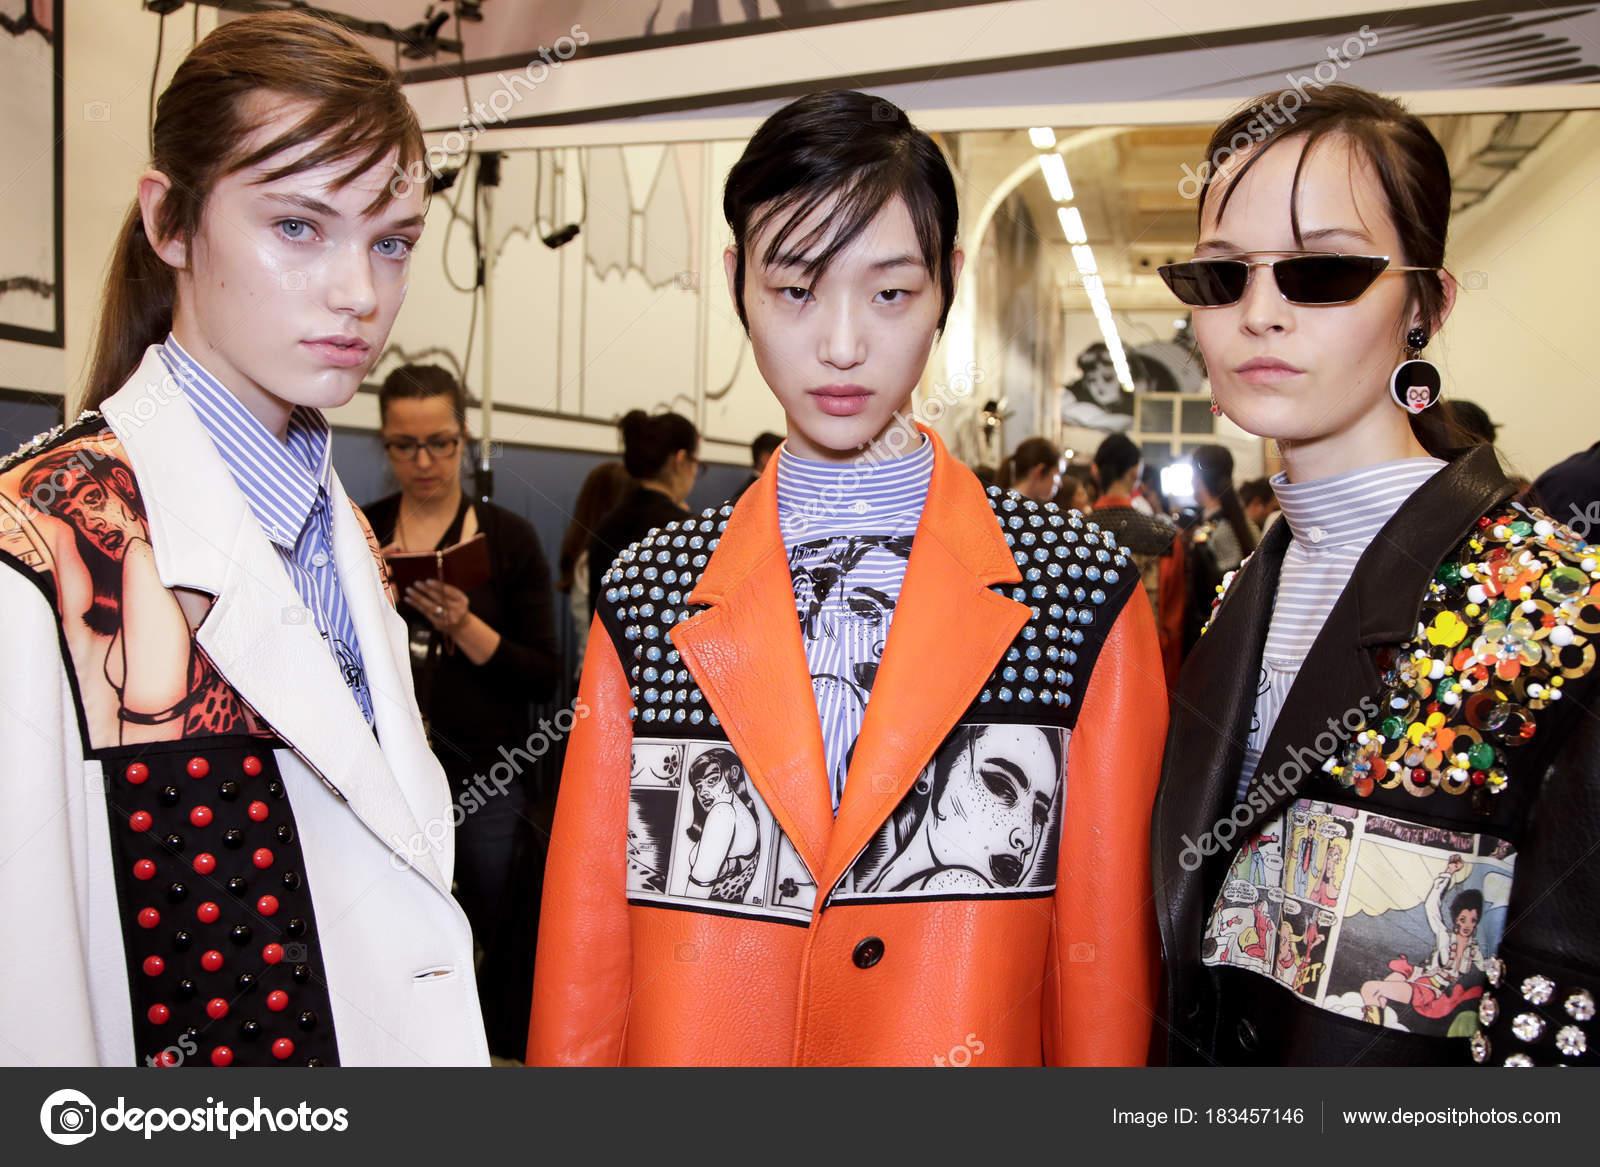 c2e14284fa Milan, Italia - 21 de septiembre: Los modelos se ven backstage antes del  show de Prada durante la semana de la moda de Milán primavera/verano de  2018 en 21 ...